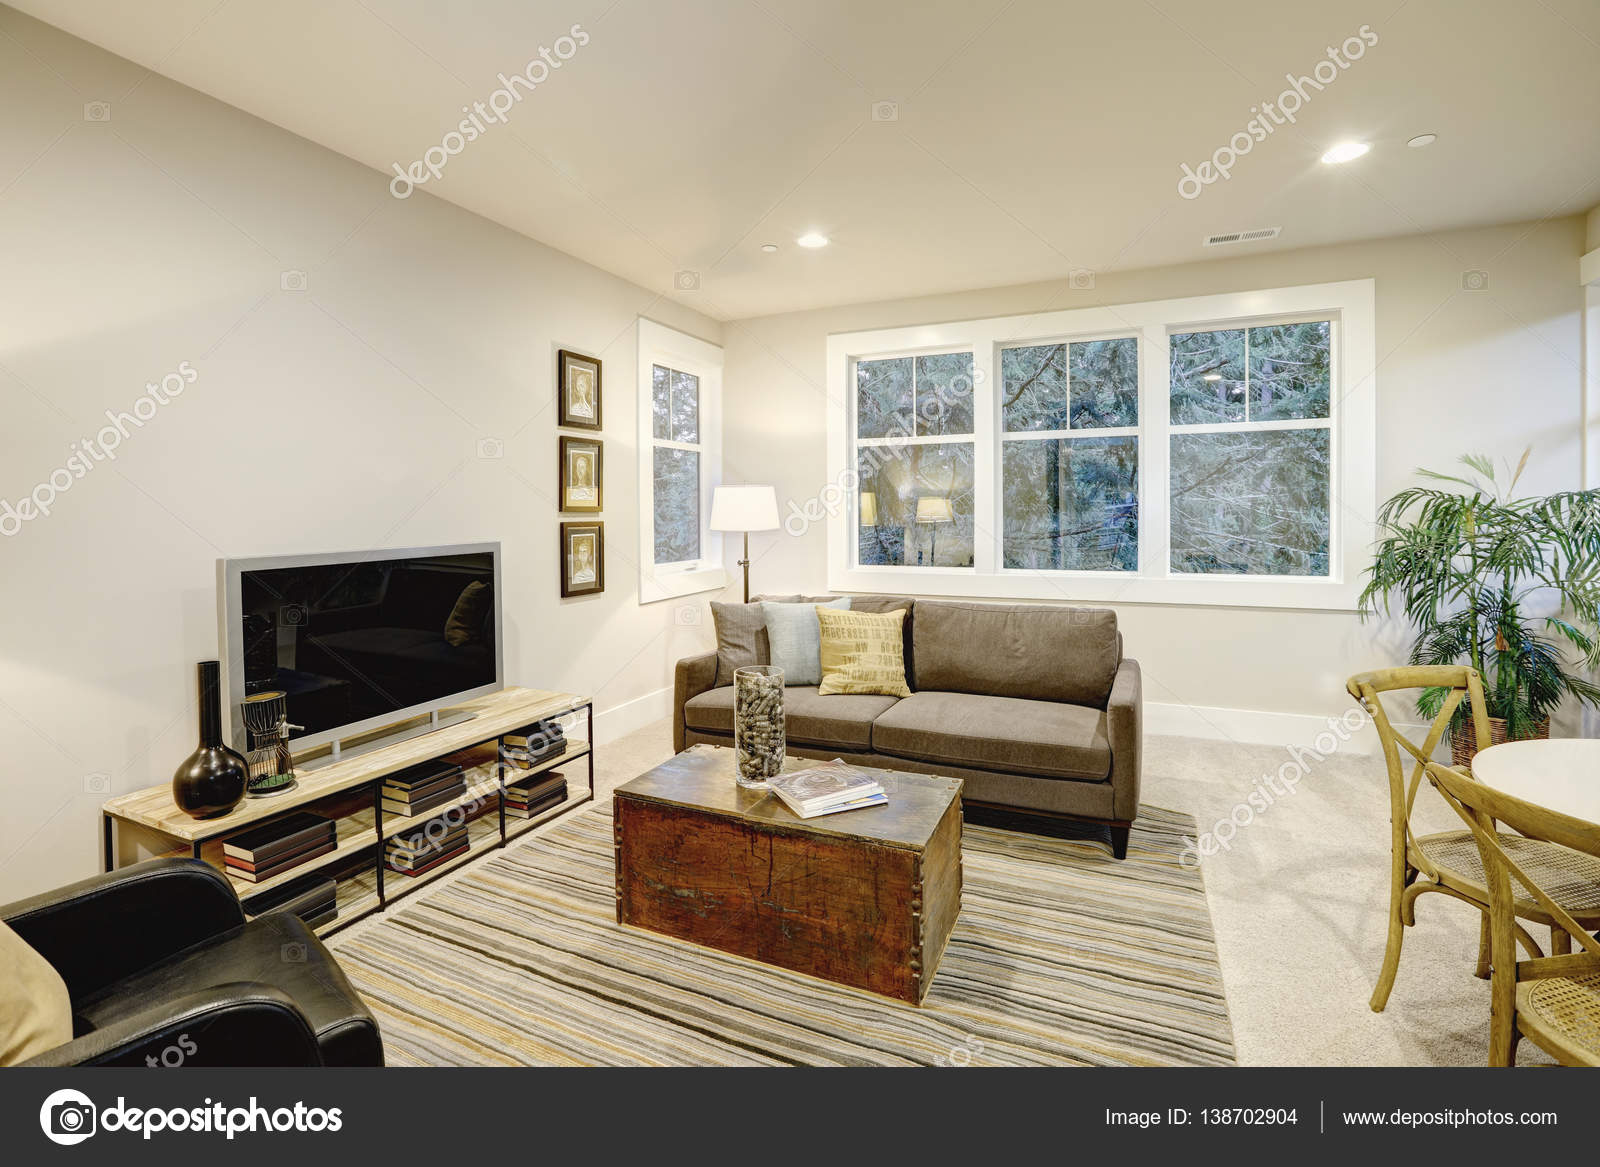 familiekamer interieur met grijze bank geconfronteerd met een zwart lederen fauteuil tegenover een boomstam salontafel bovenop een grijs en bruin gestreepte